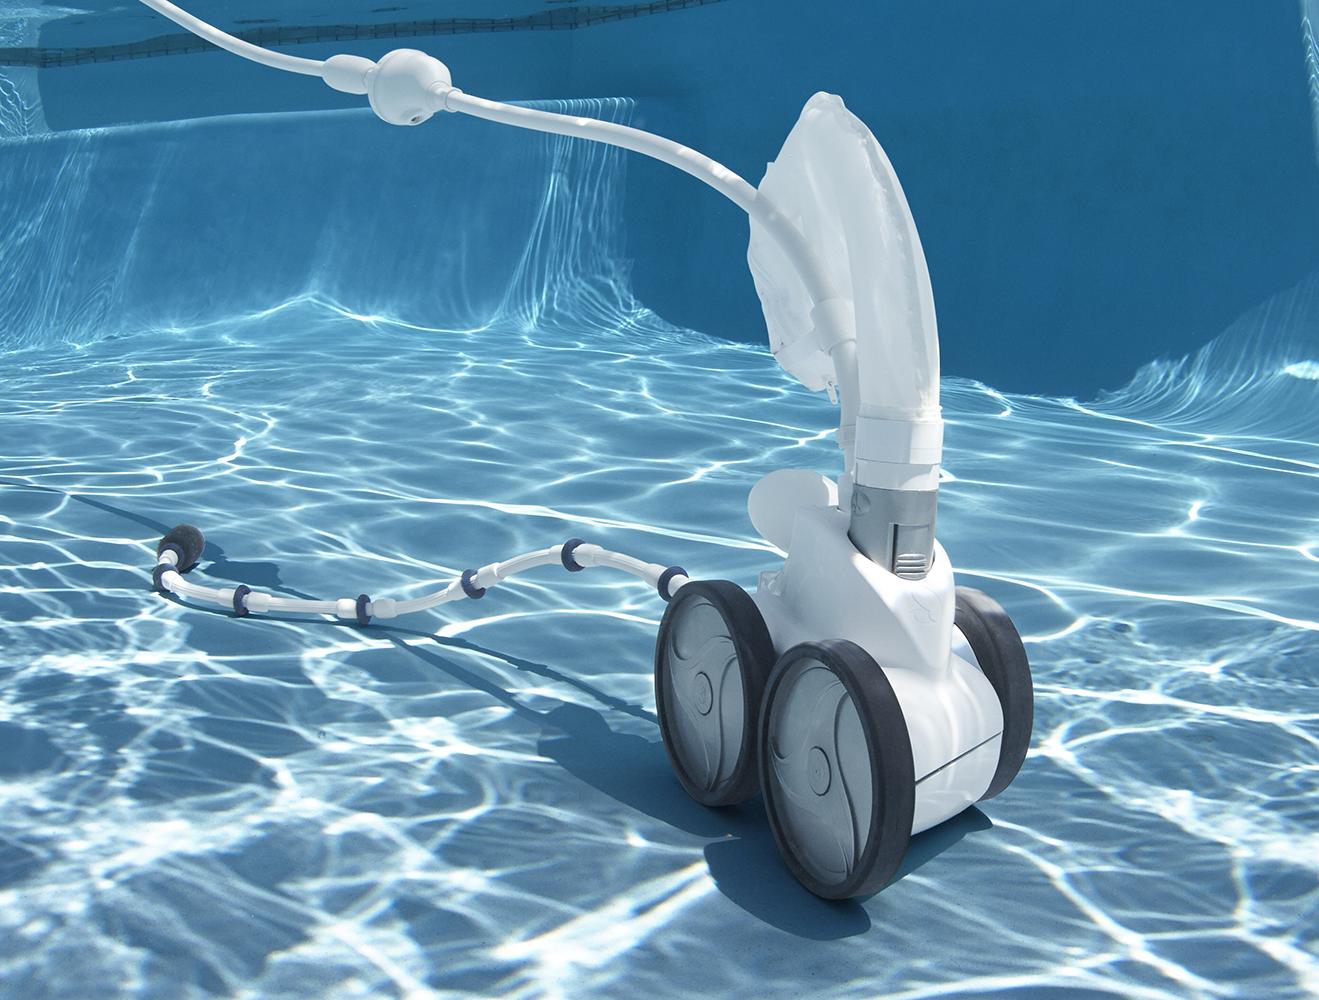 Swimming Pool Pressure : Polaris p pressure pool cleaner swimming